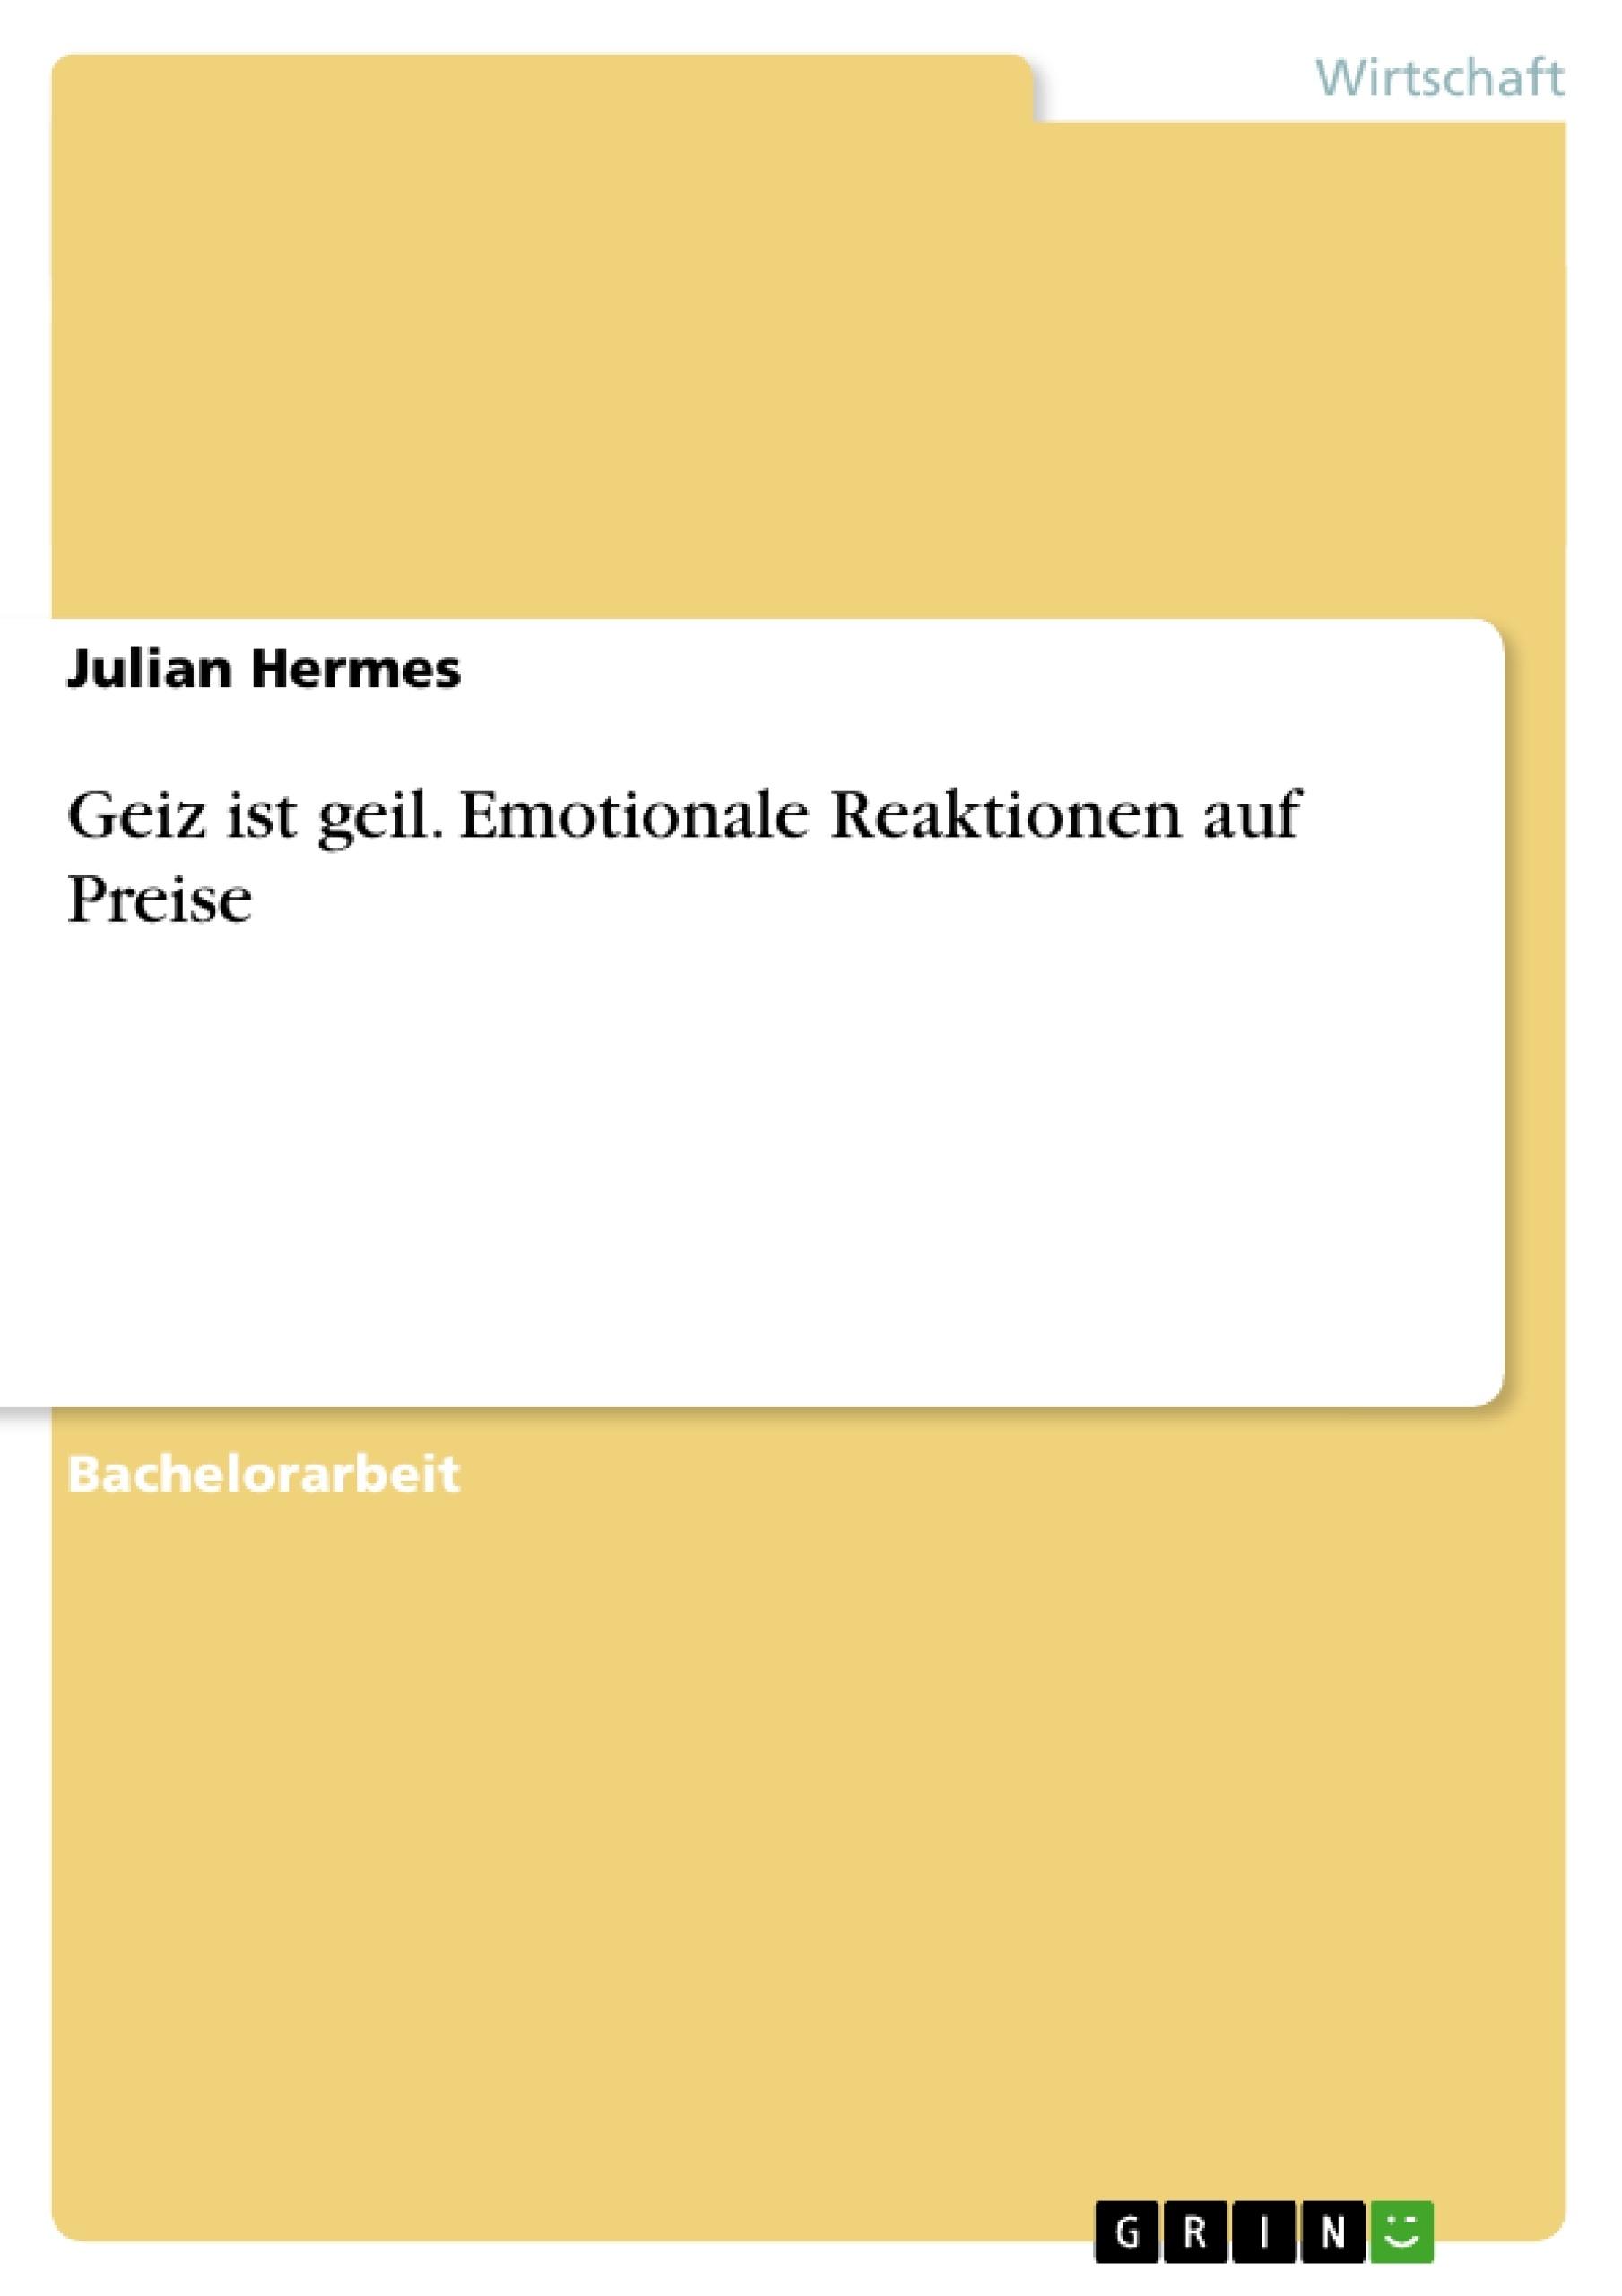 Titel: Geiz ist geil. Emotionale Reaktionen auf Preise